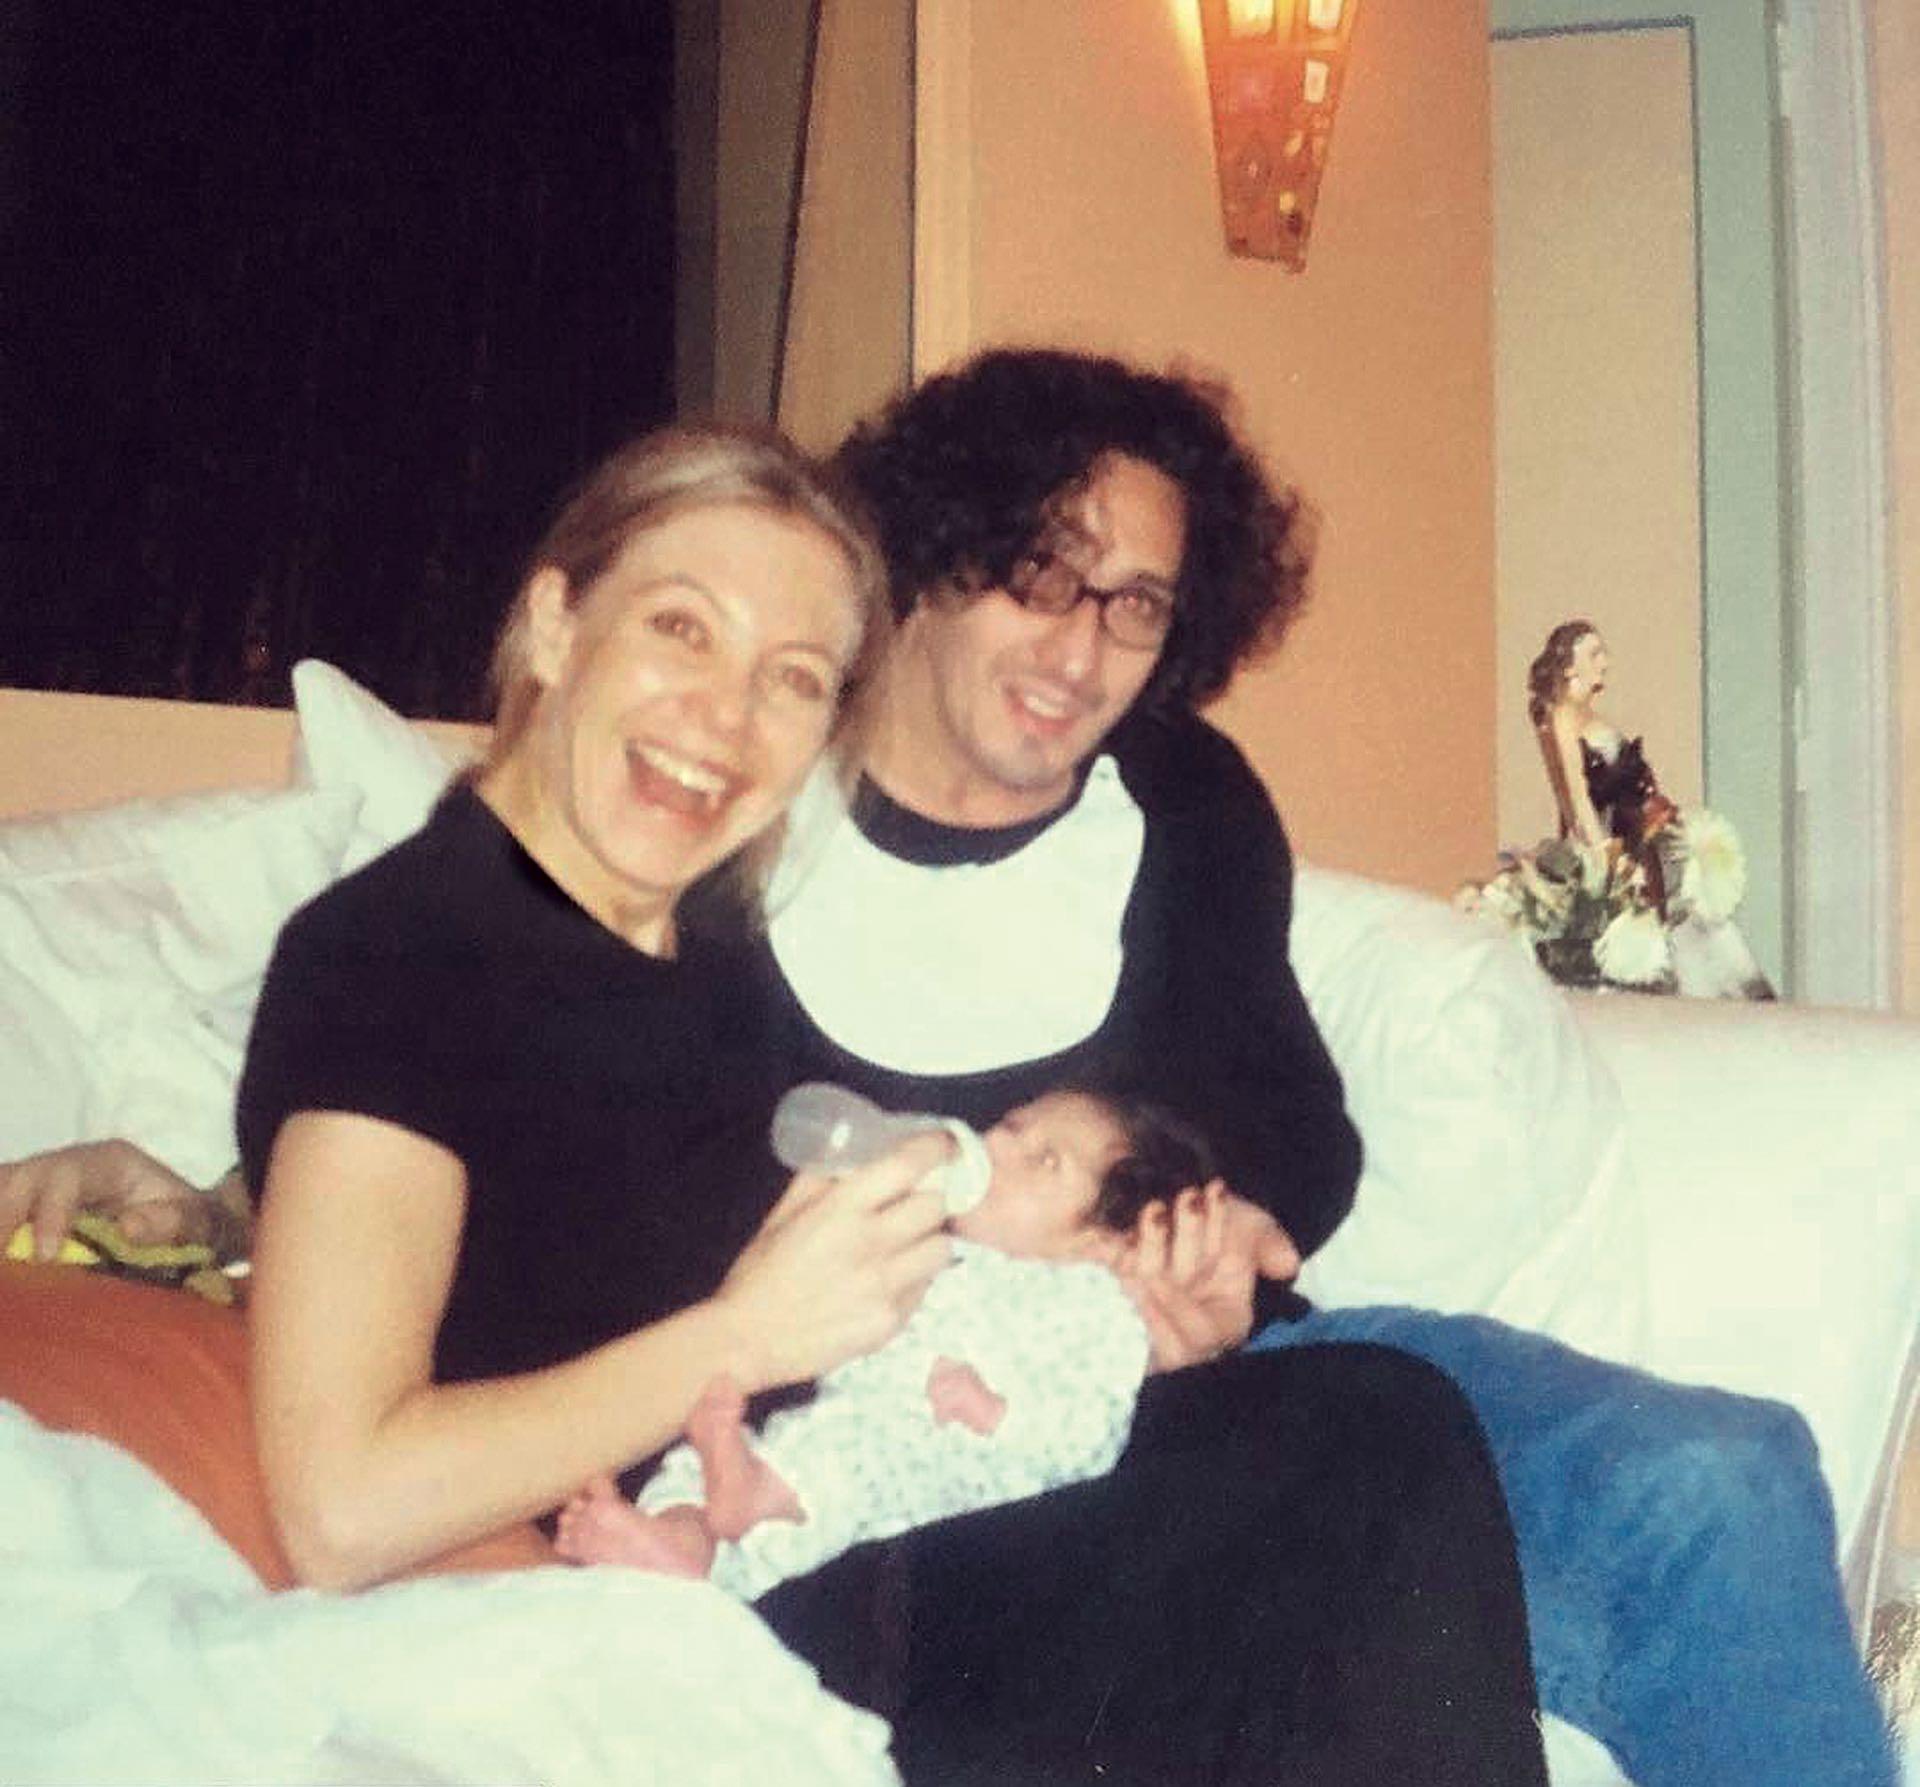 En 1999, seis meses antes de pasar por el Registro Civil, decidieron adoptar a Martín